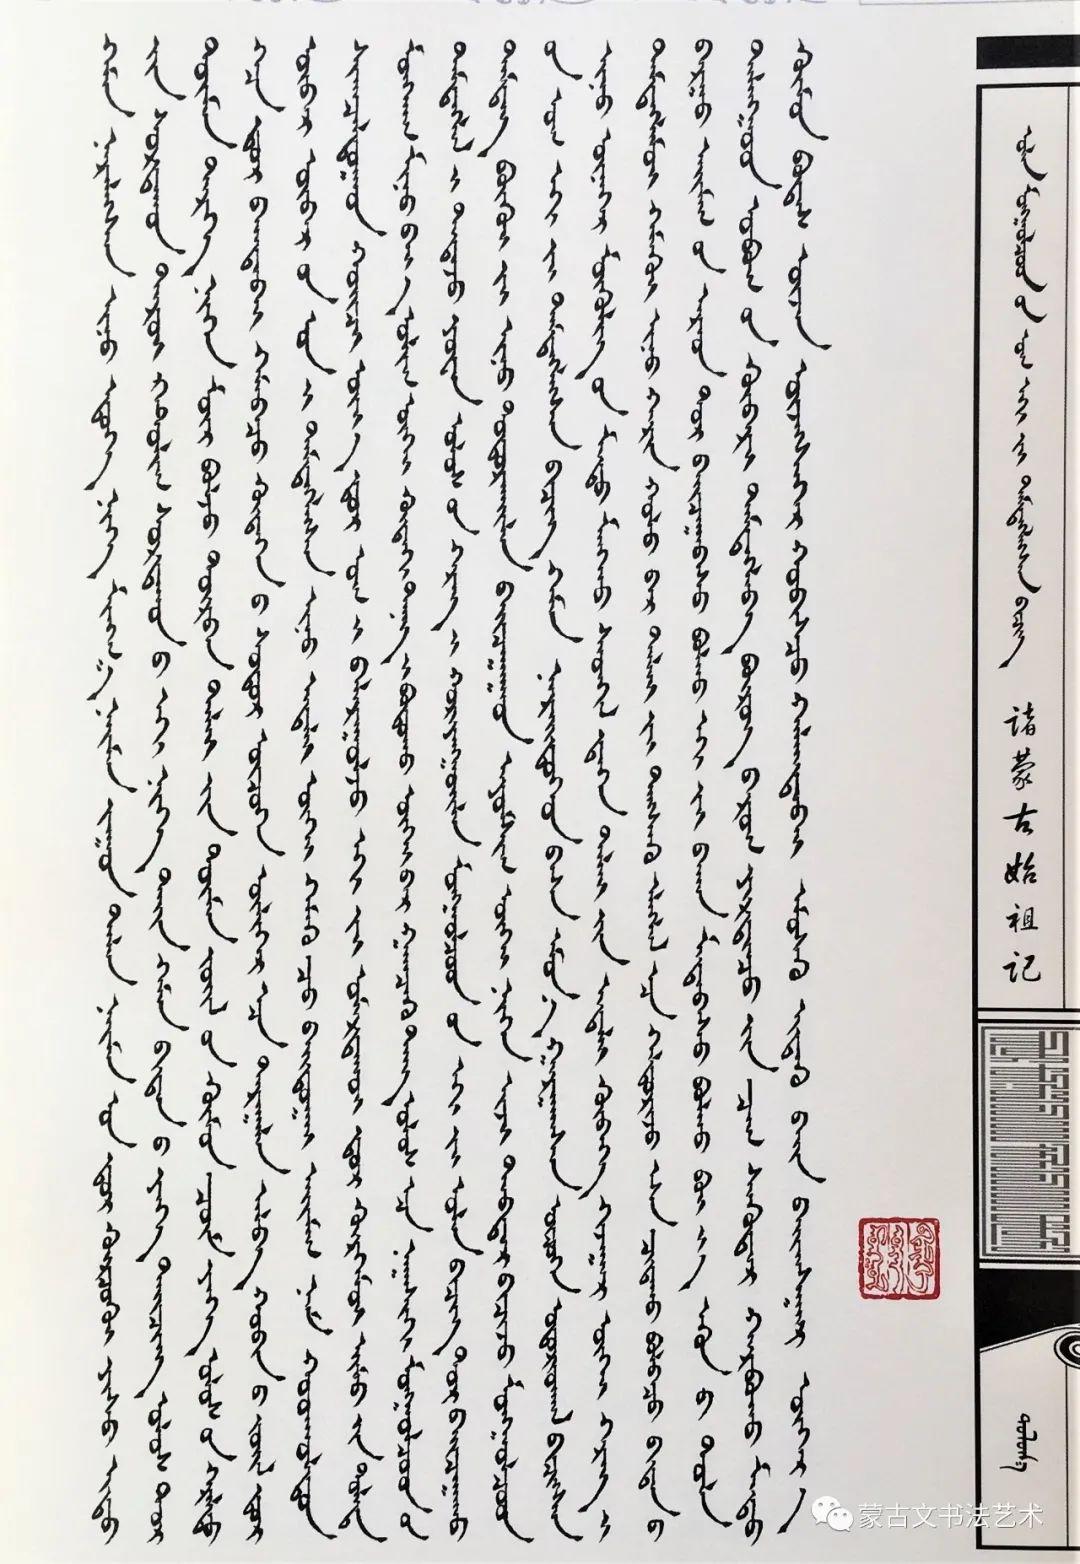 书法家白音夫楷书著作蒙古文经典文献 第7张